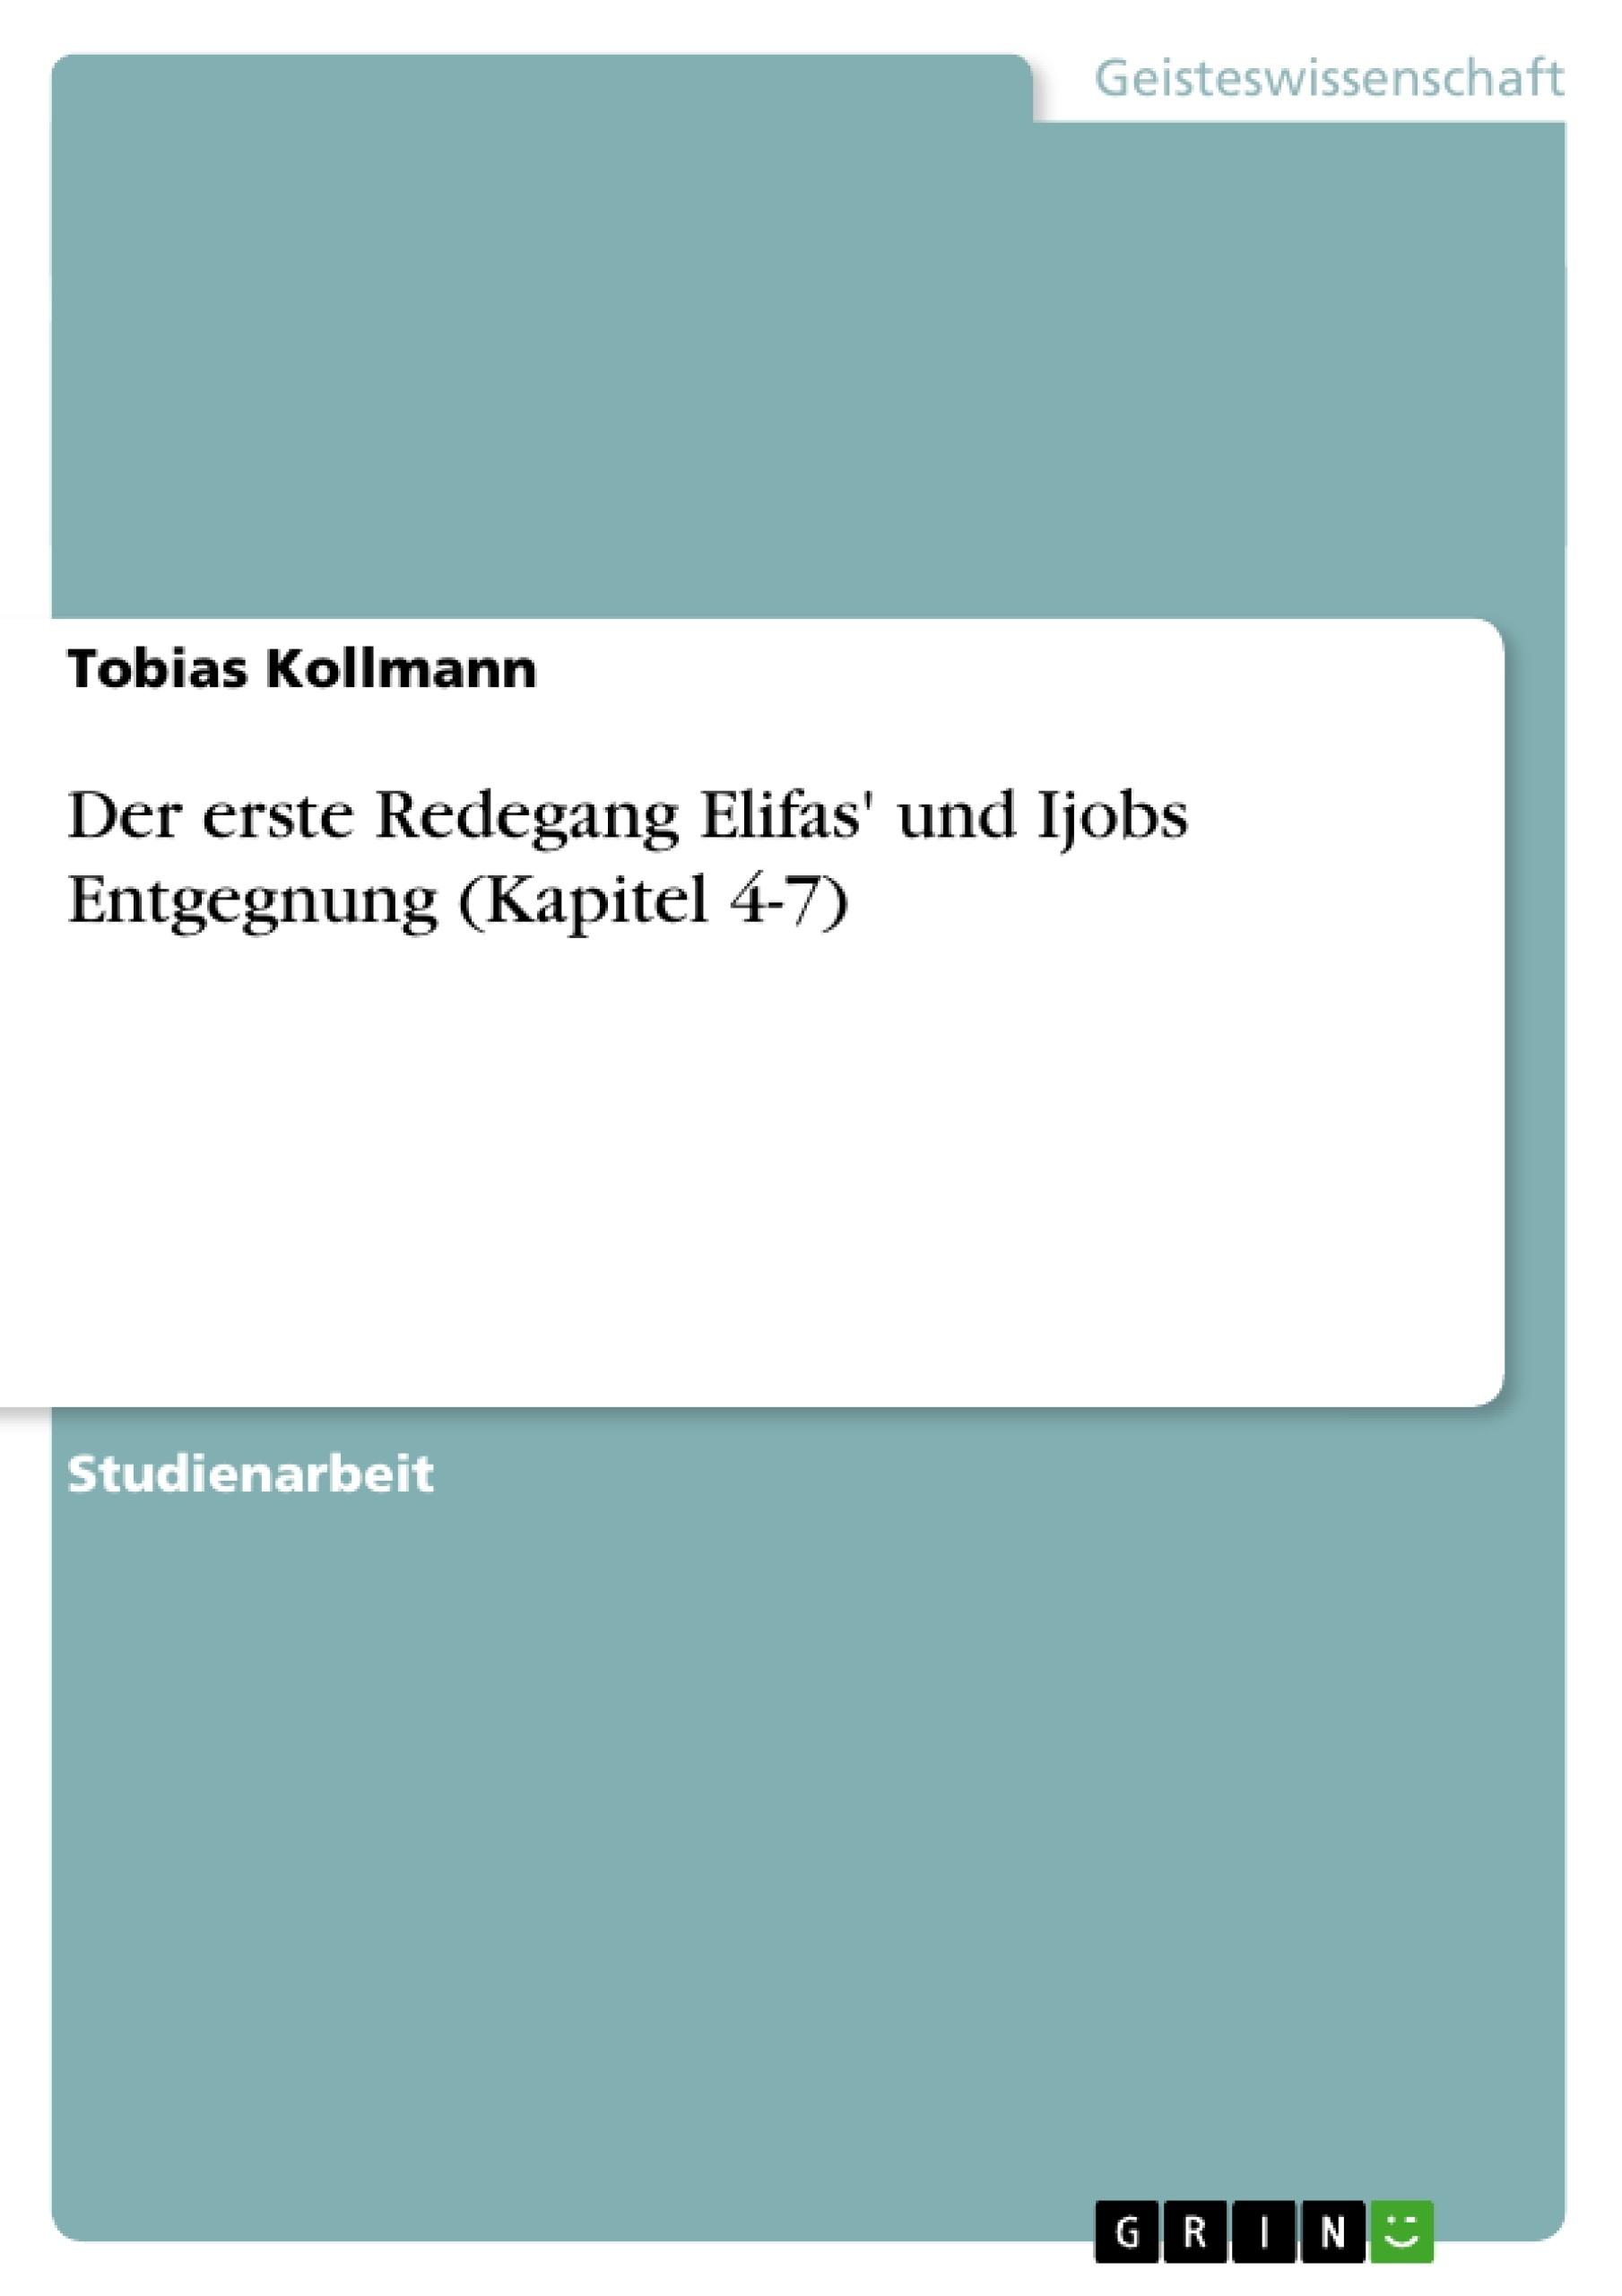 Titel: Der erste Redegang Elifas' und Ijobs Entgegnung (Kapitel 4-7)